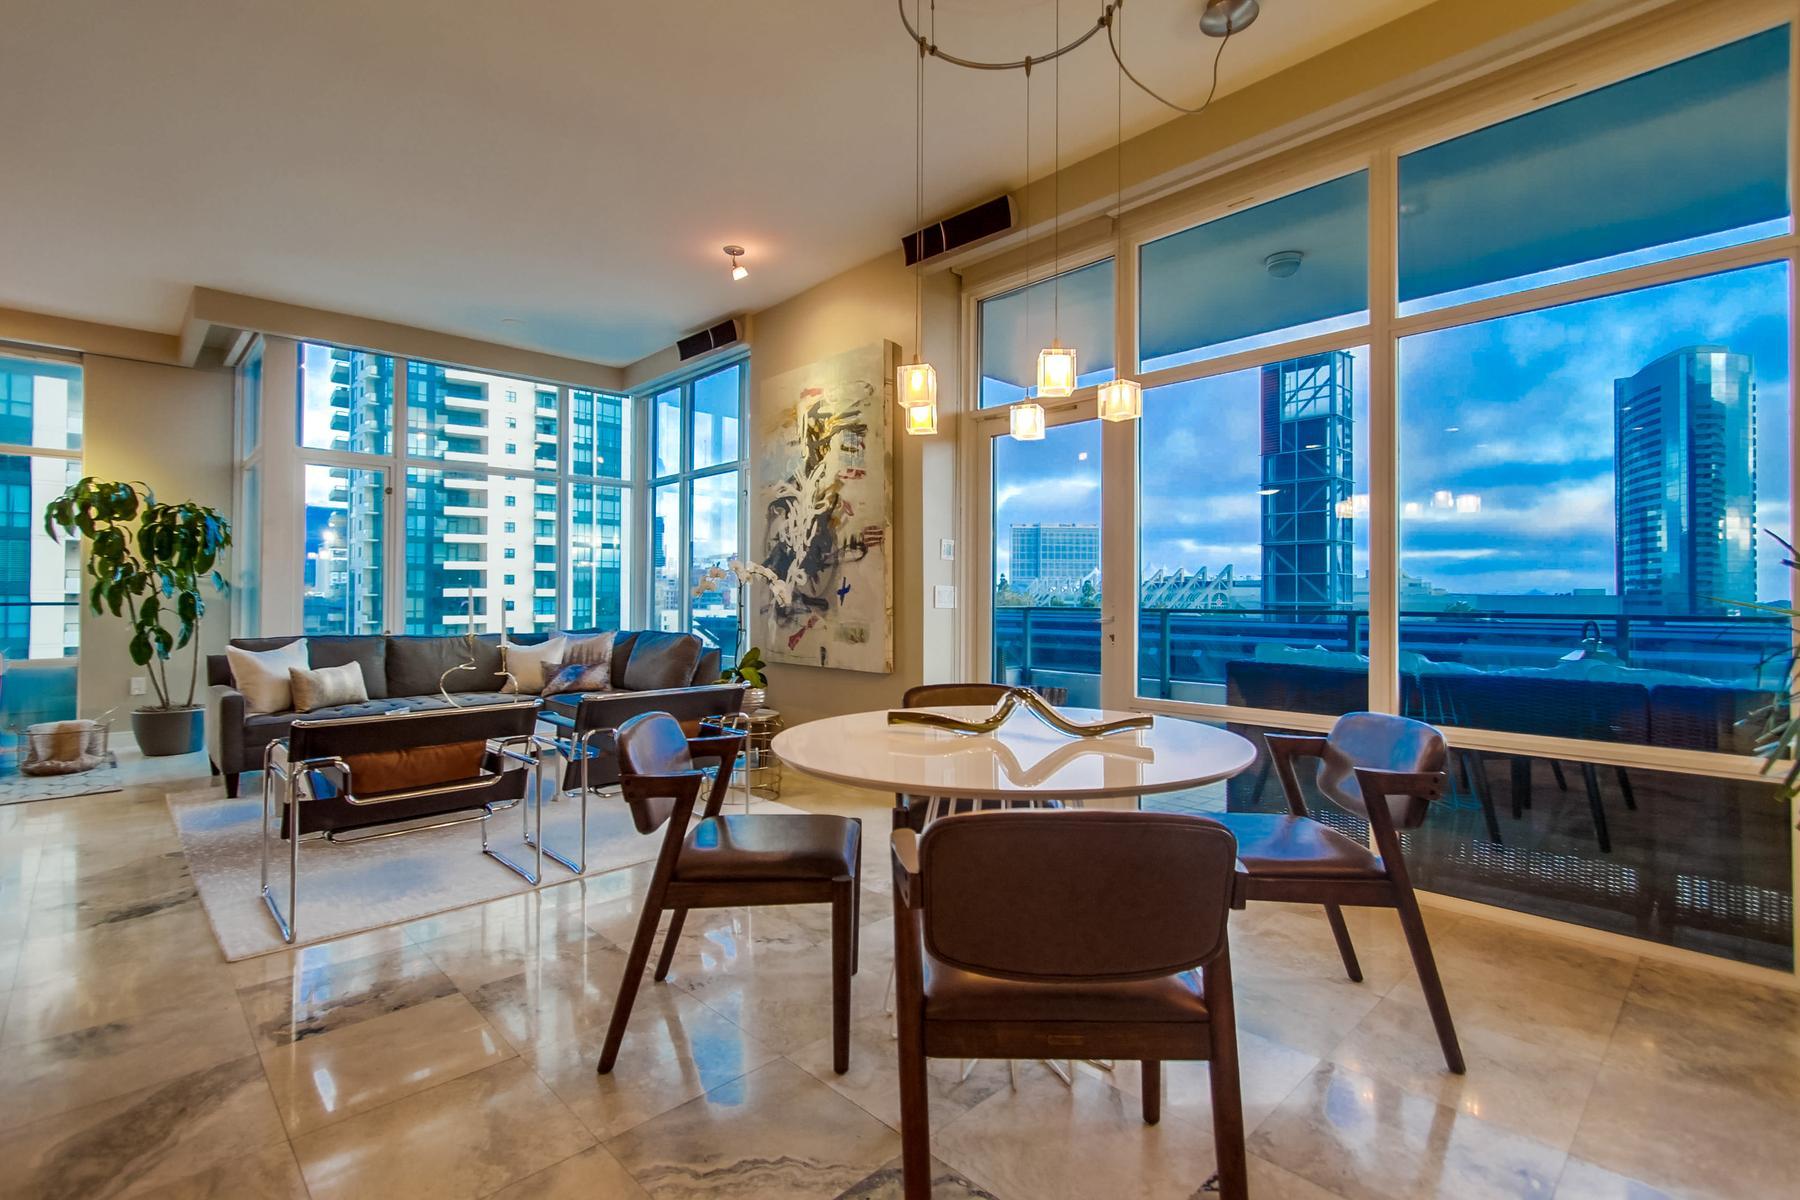 Кондоминиум для того Продажа на Pinnacle Marina Tower 550 Front Street 401, Marina, San Diego, Калифорния, 92101 Соединенные Штаты